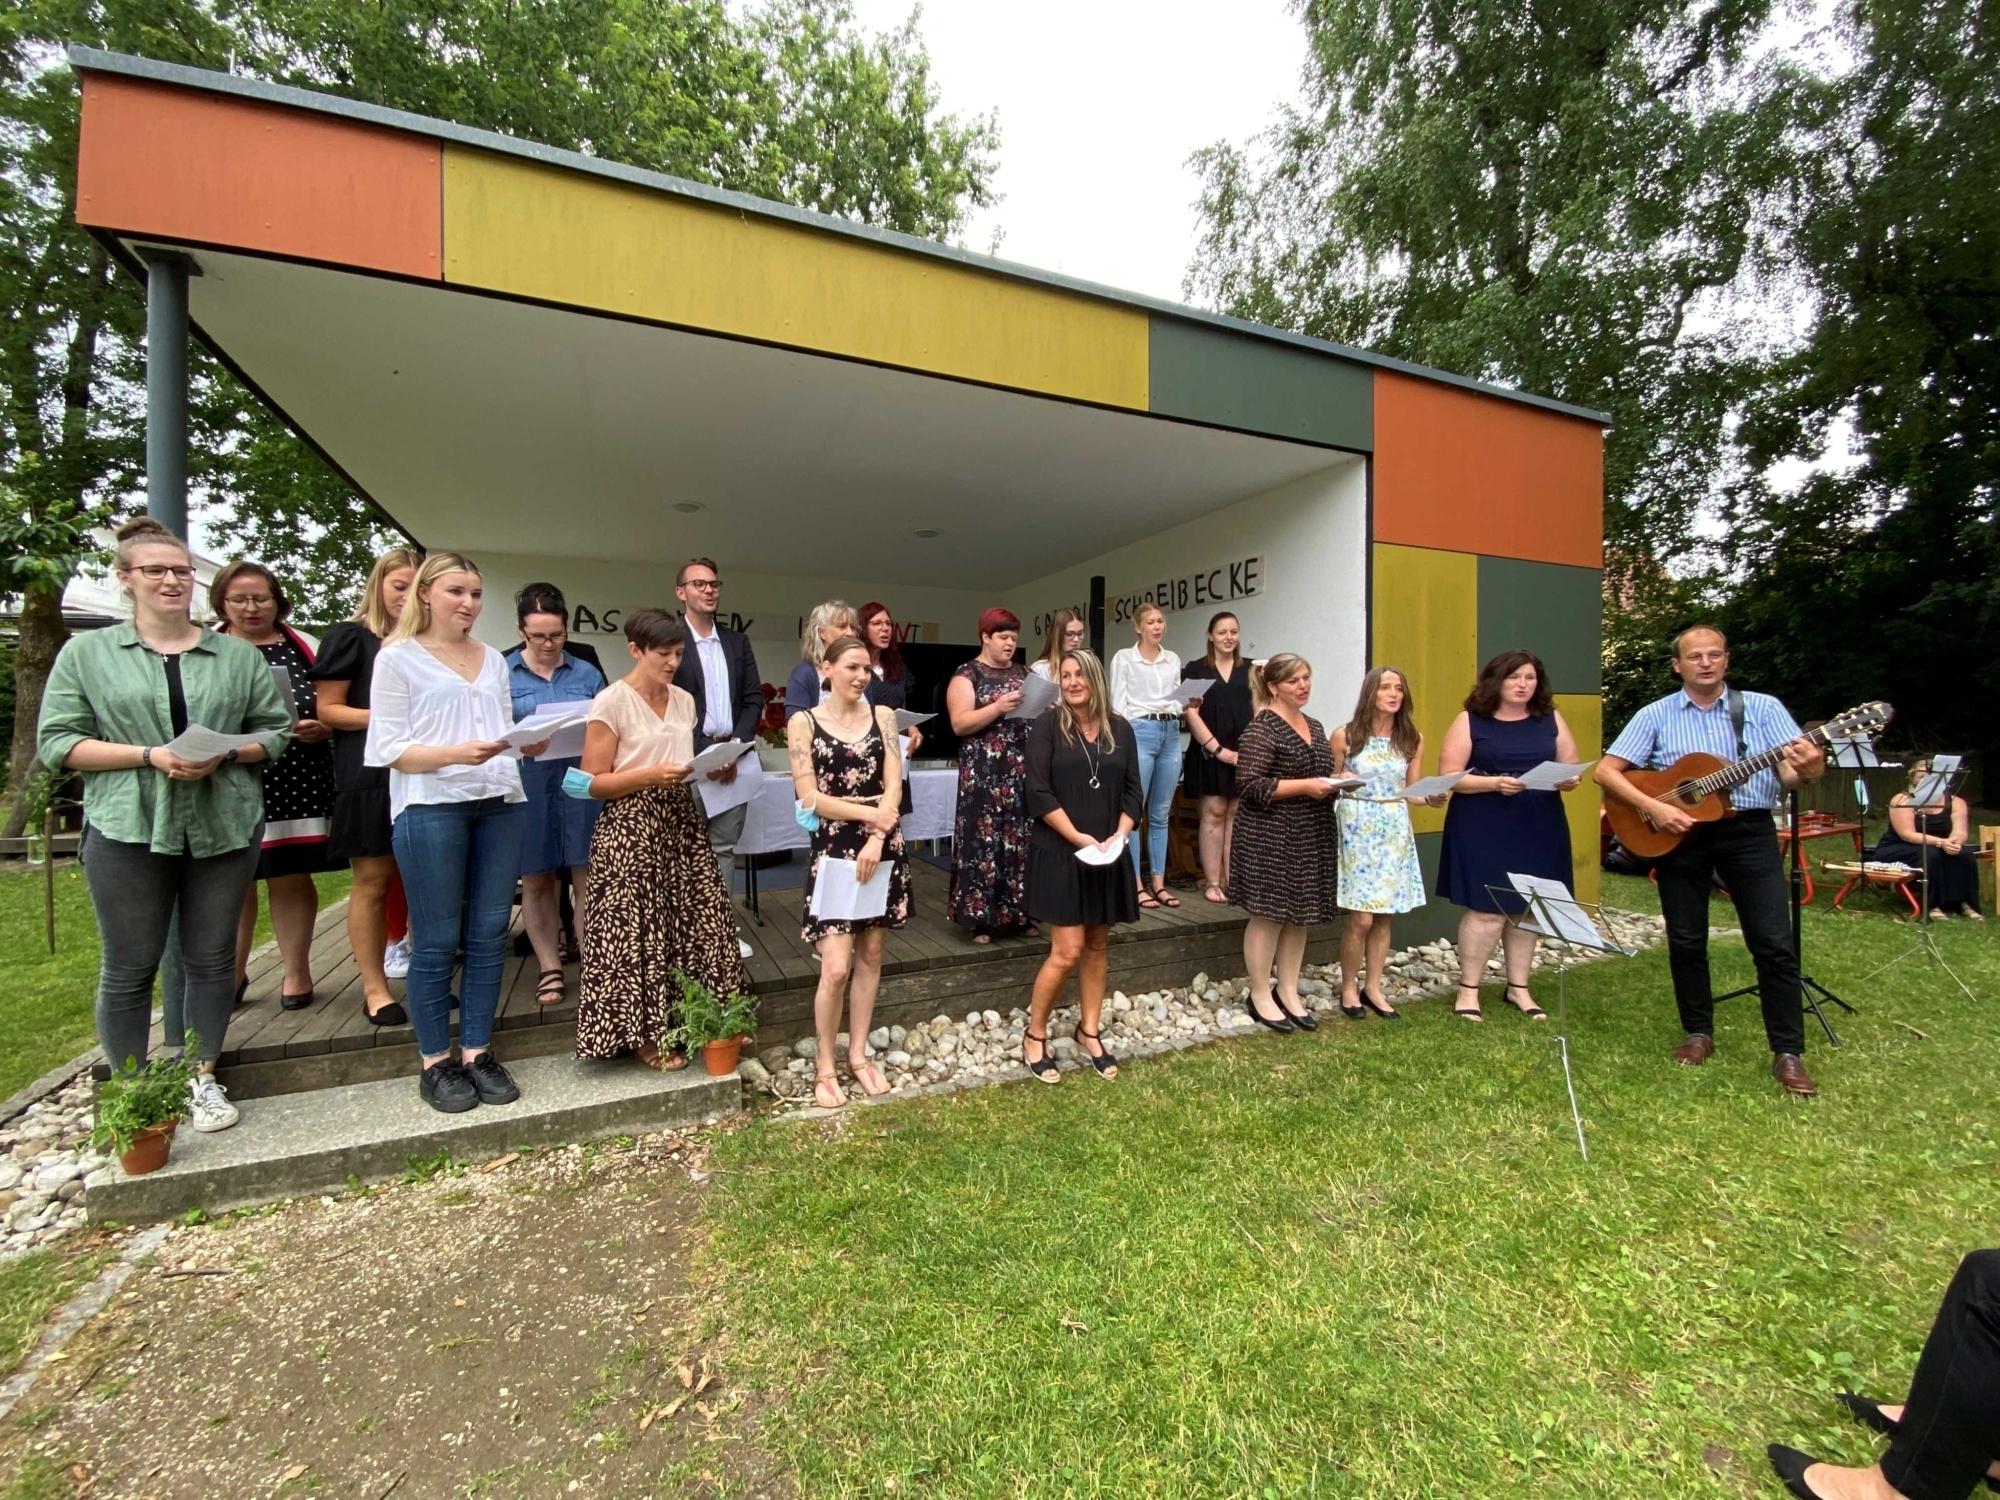 2021 07 Juli 07 Verabschiedung von Fr Maria Brams Kindergartenleitung St Konrad 1